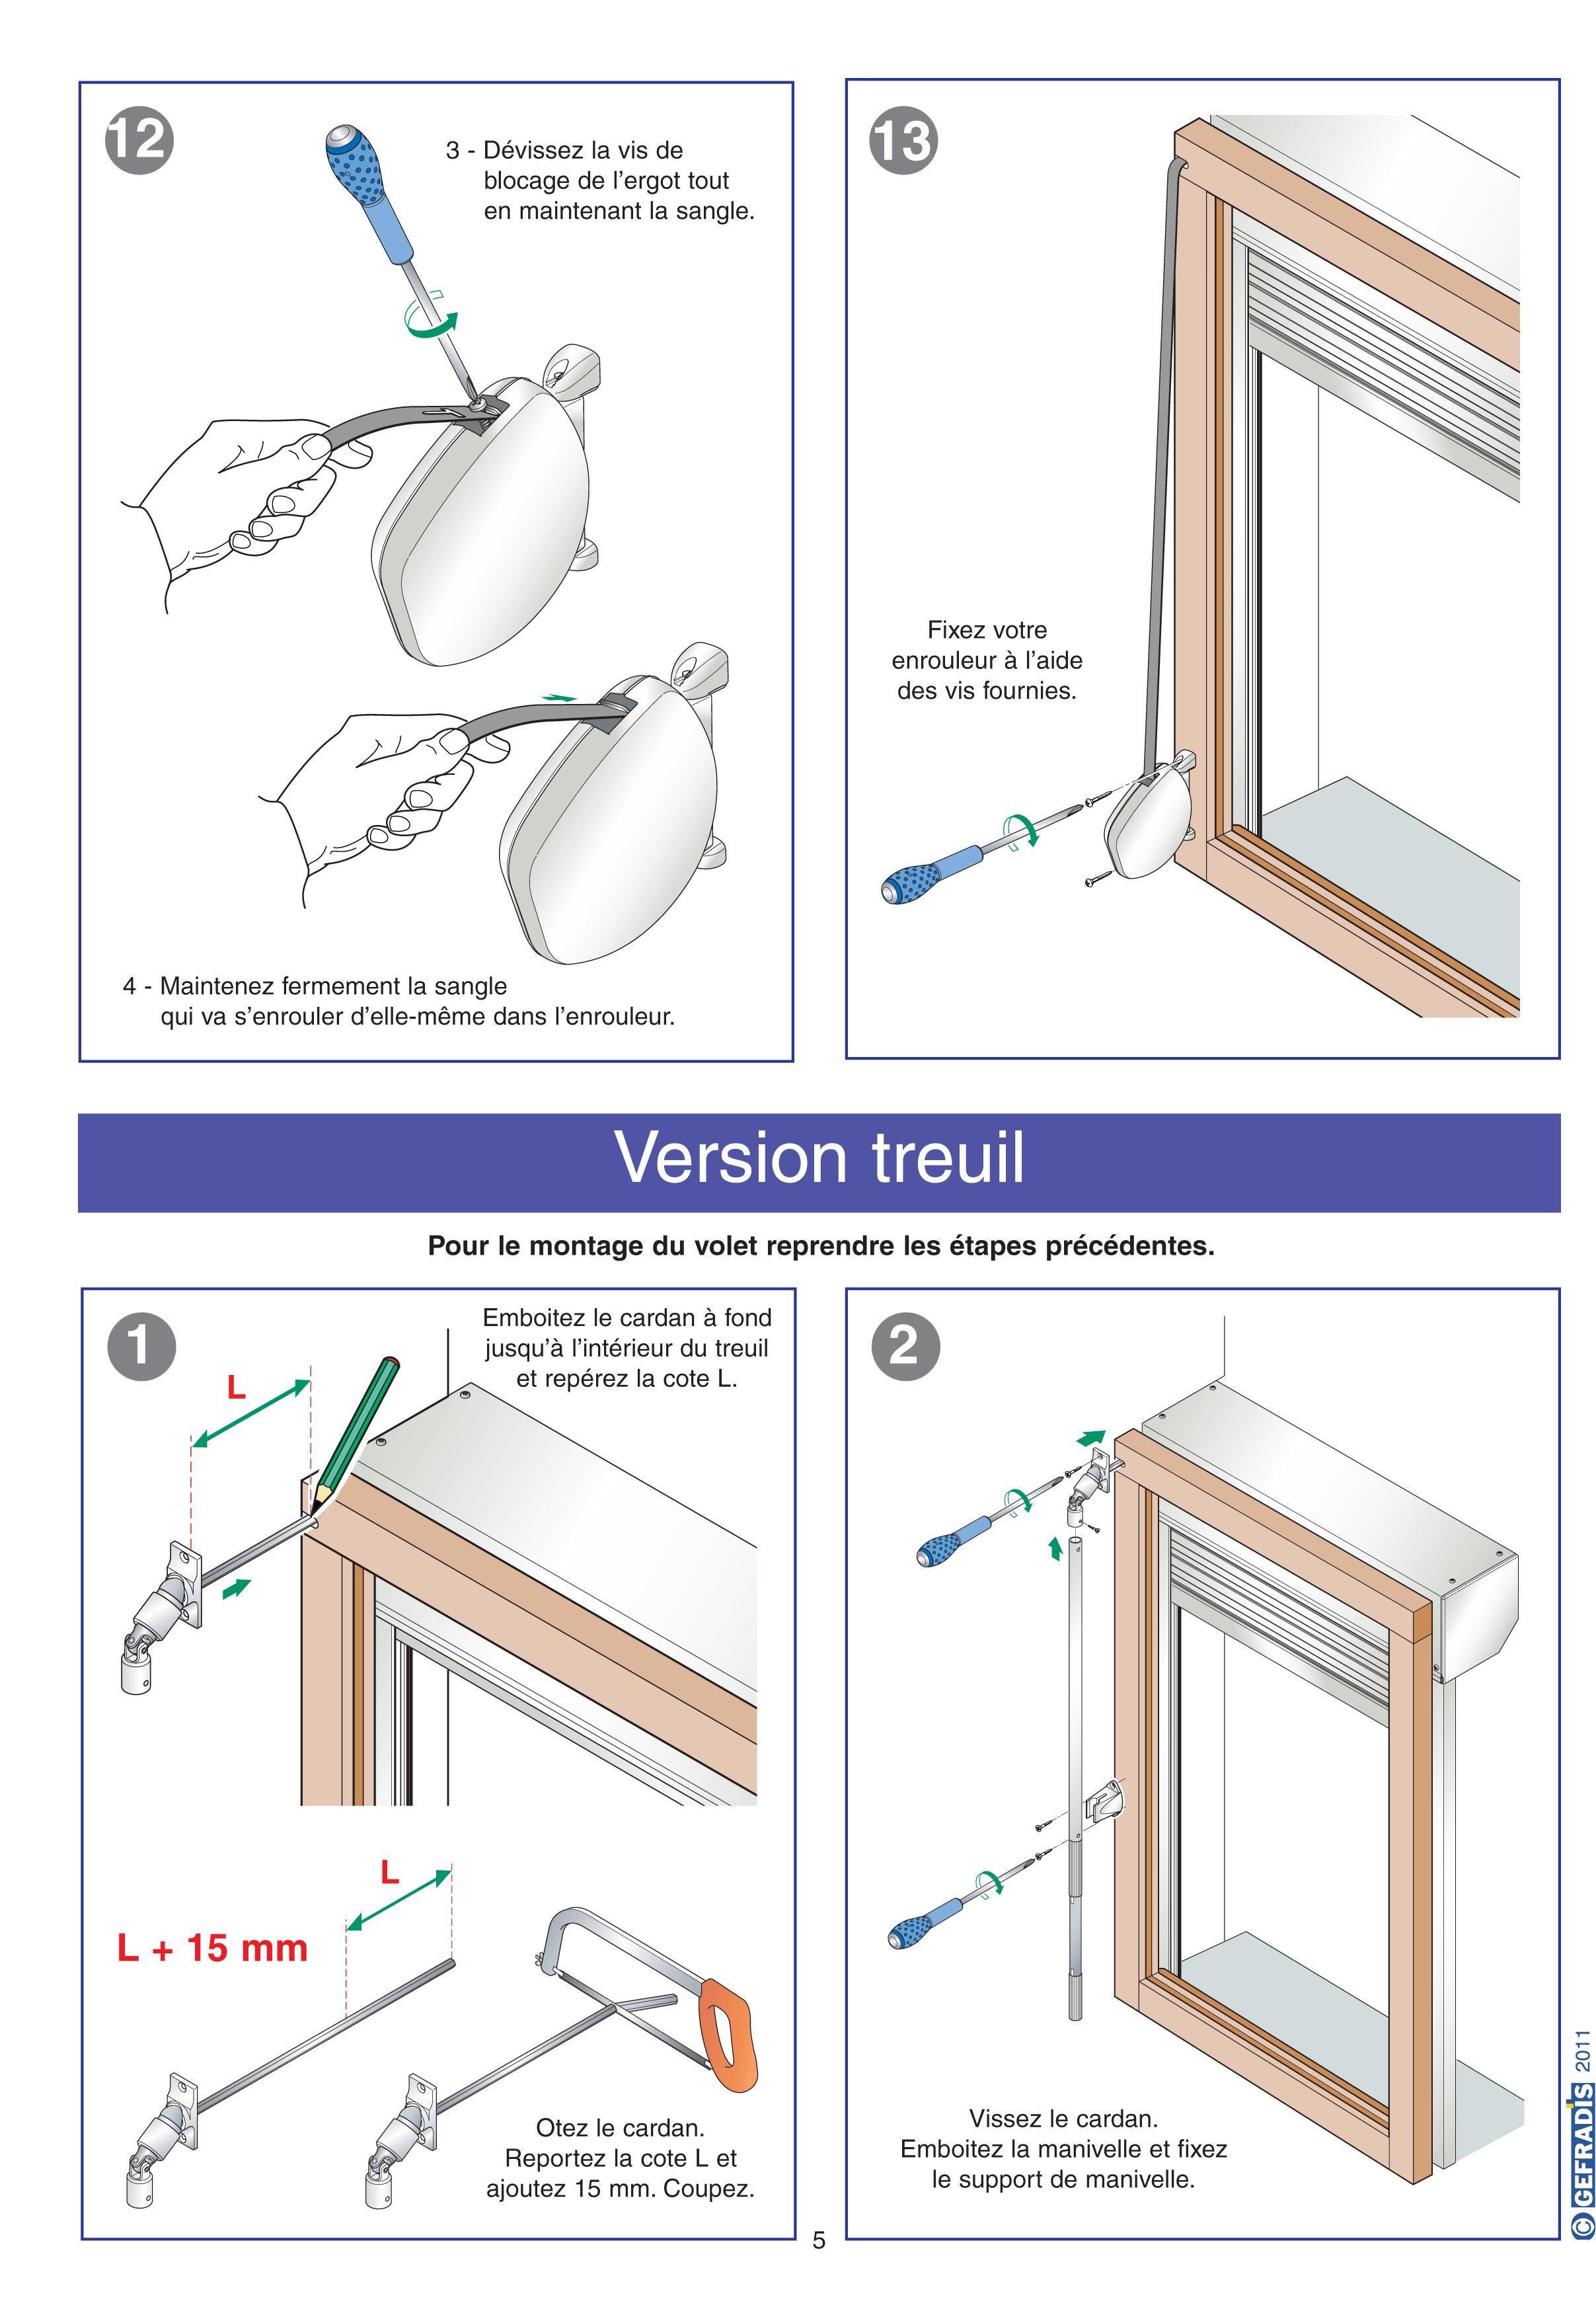 Aide à la pose de volet roulant rénovation page 5